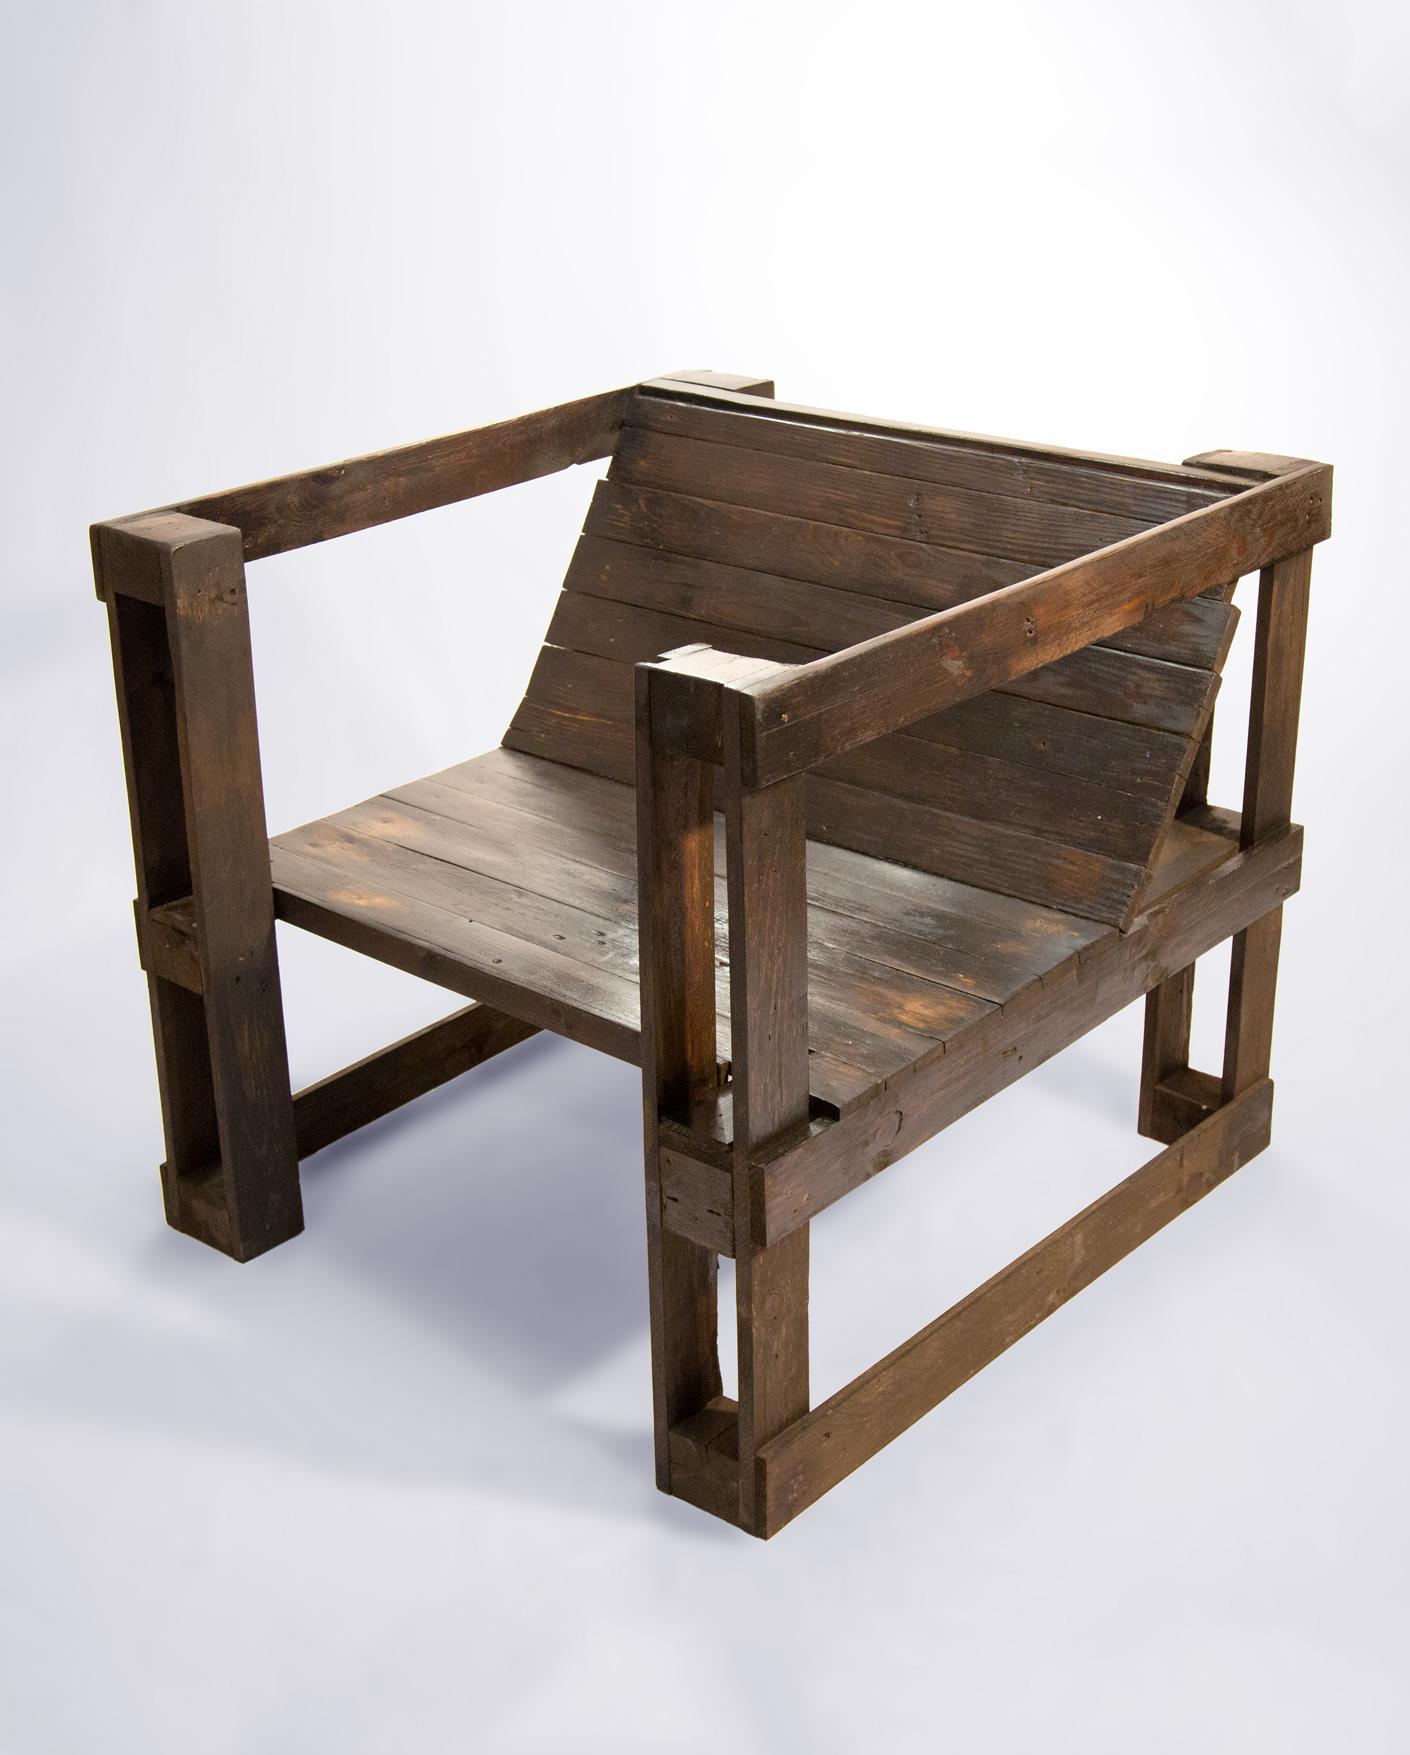 silln hecho con palets reciclados y de acabado industrial en madera oscura - Sillon De Palets